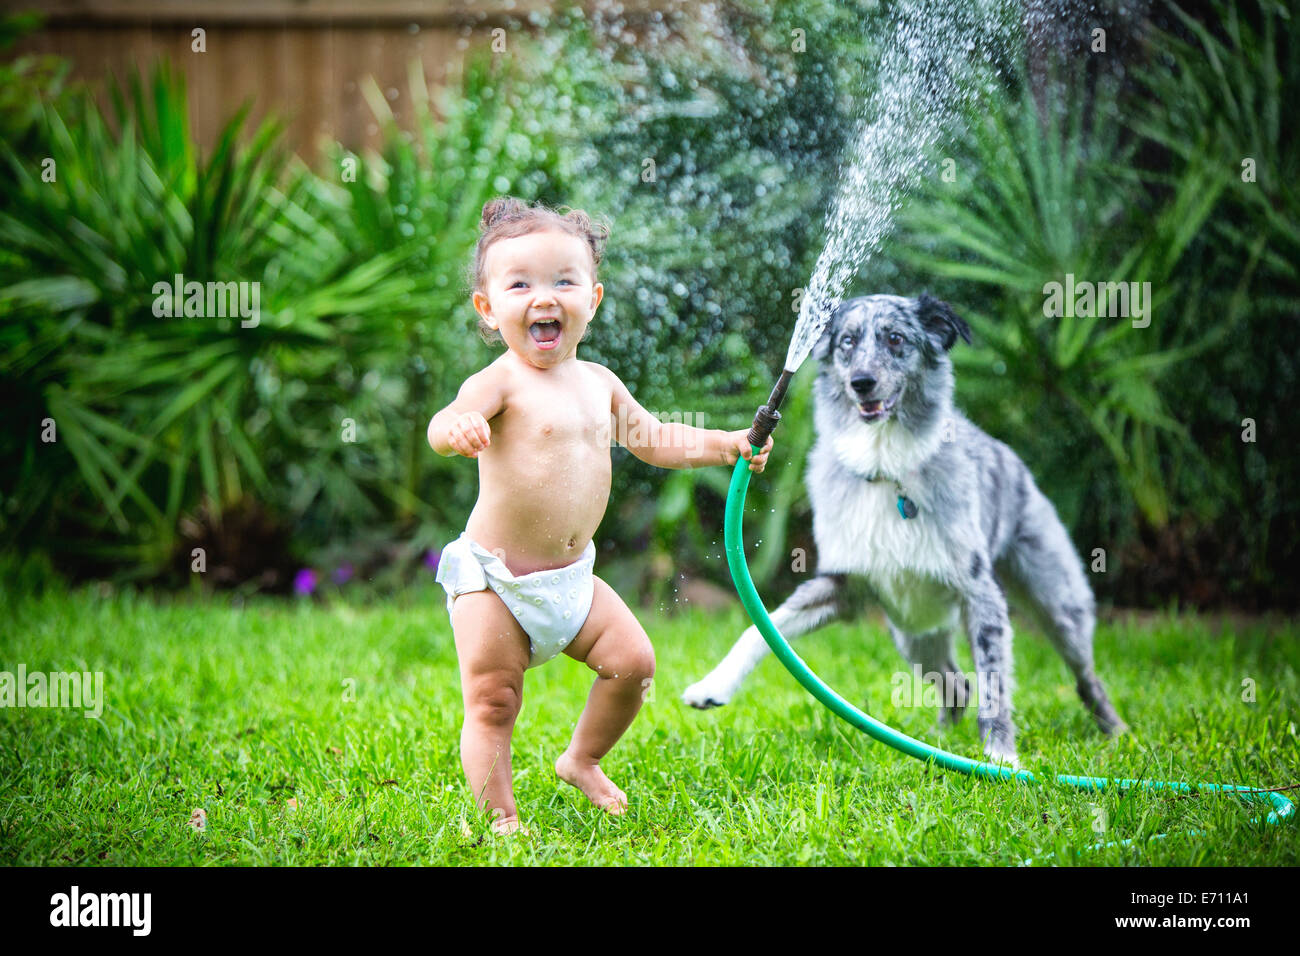 Niñito Chica sujetando la manguera de agua, jugando con perro Imagen De Stock